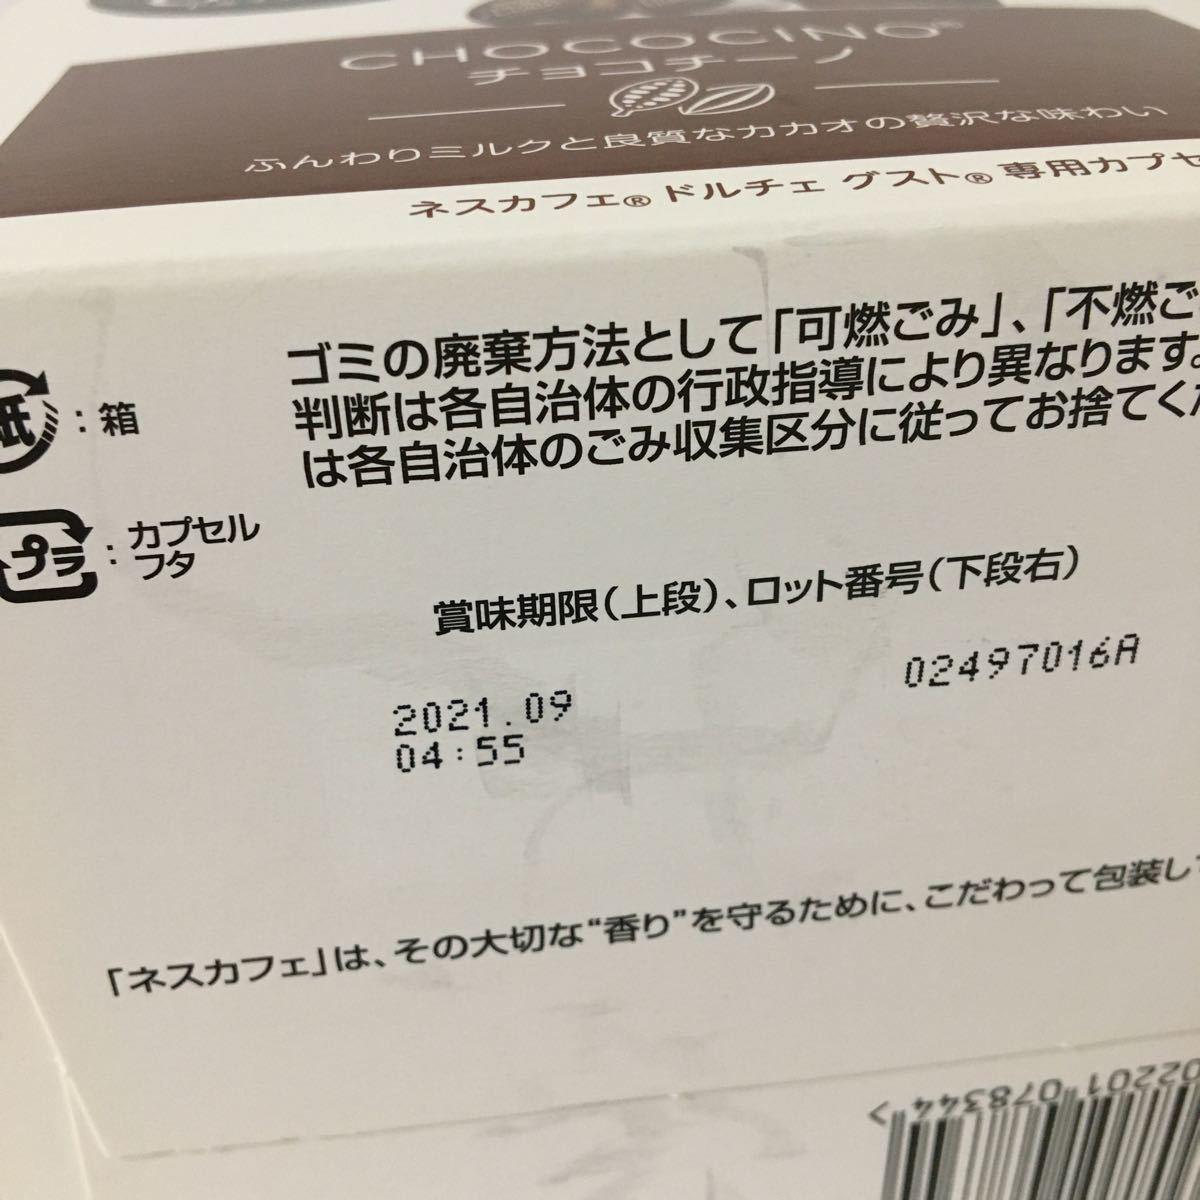 値下げしました。ネスレ ドルチェグスト カプセル チョコチーノ 8杯 -2